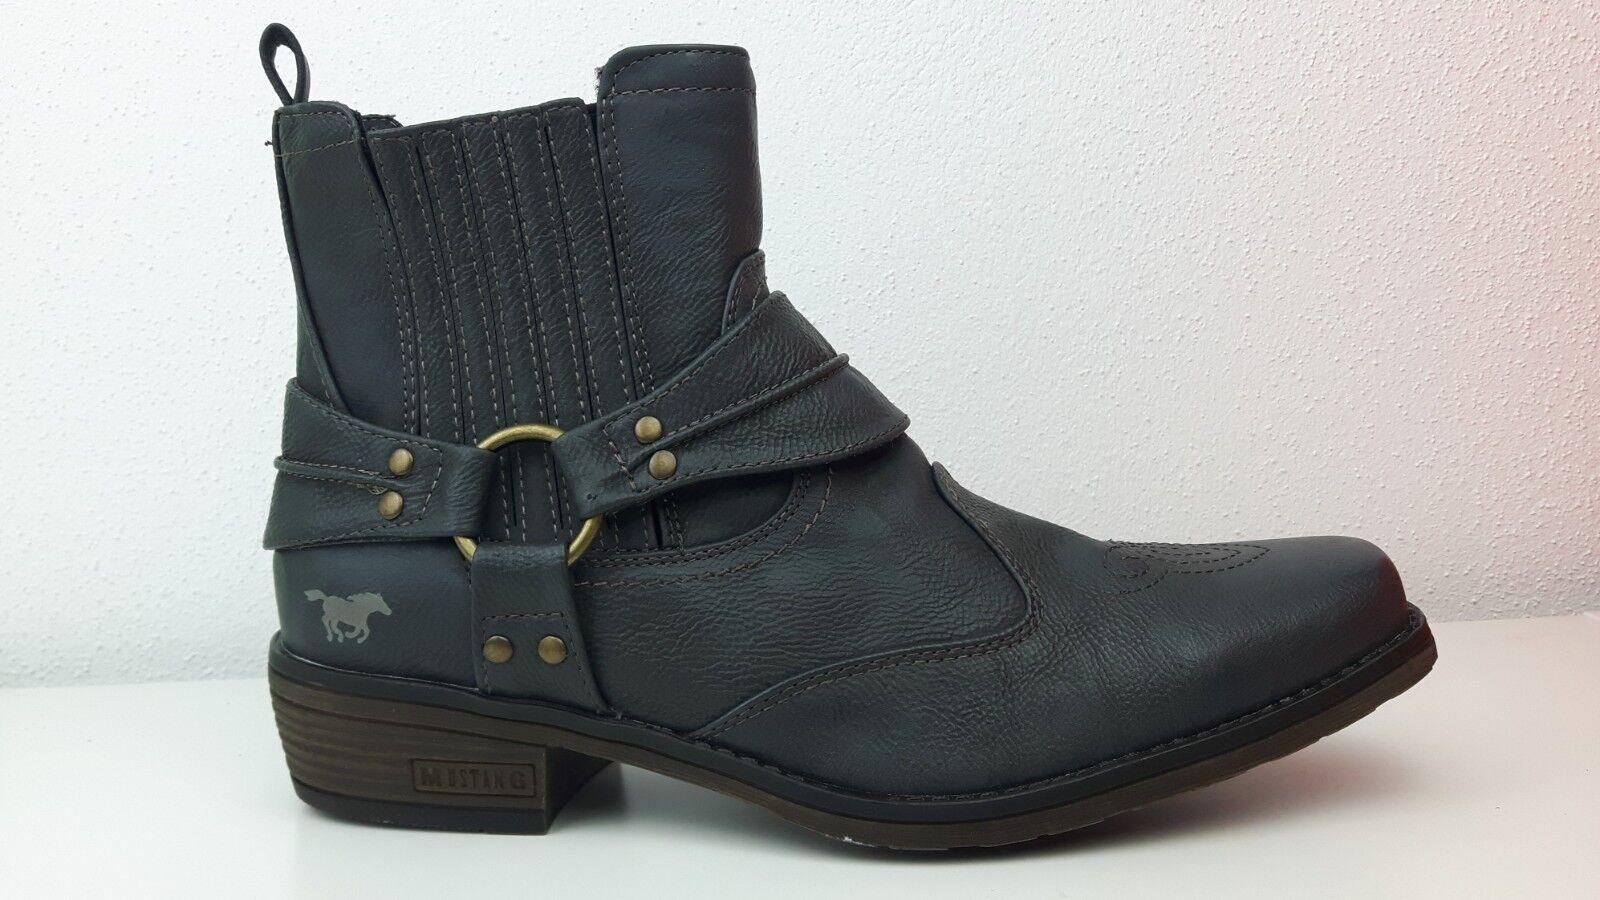 4116-501-259 Mustang Herren Schuh Cowboystiefel Graphit Biker-Stiefel Stiefel